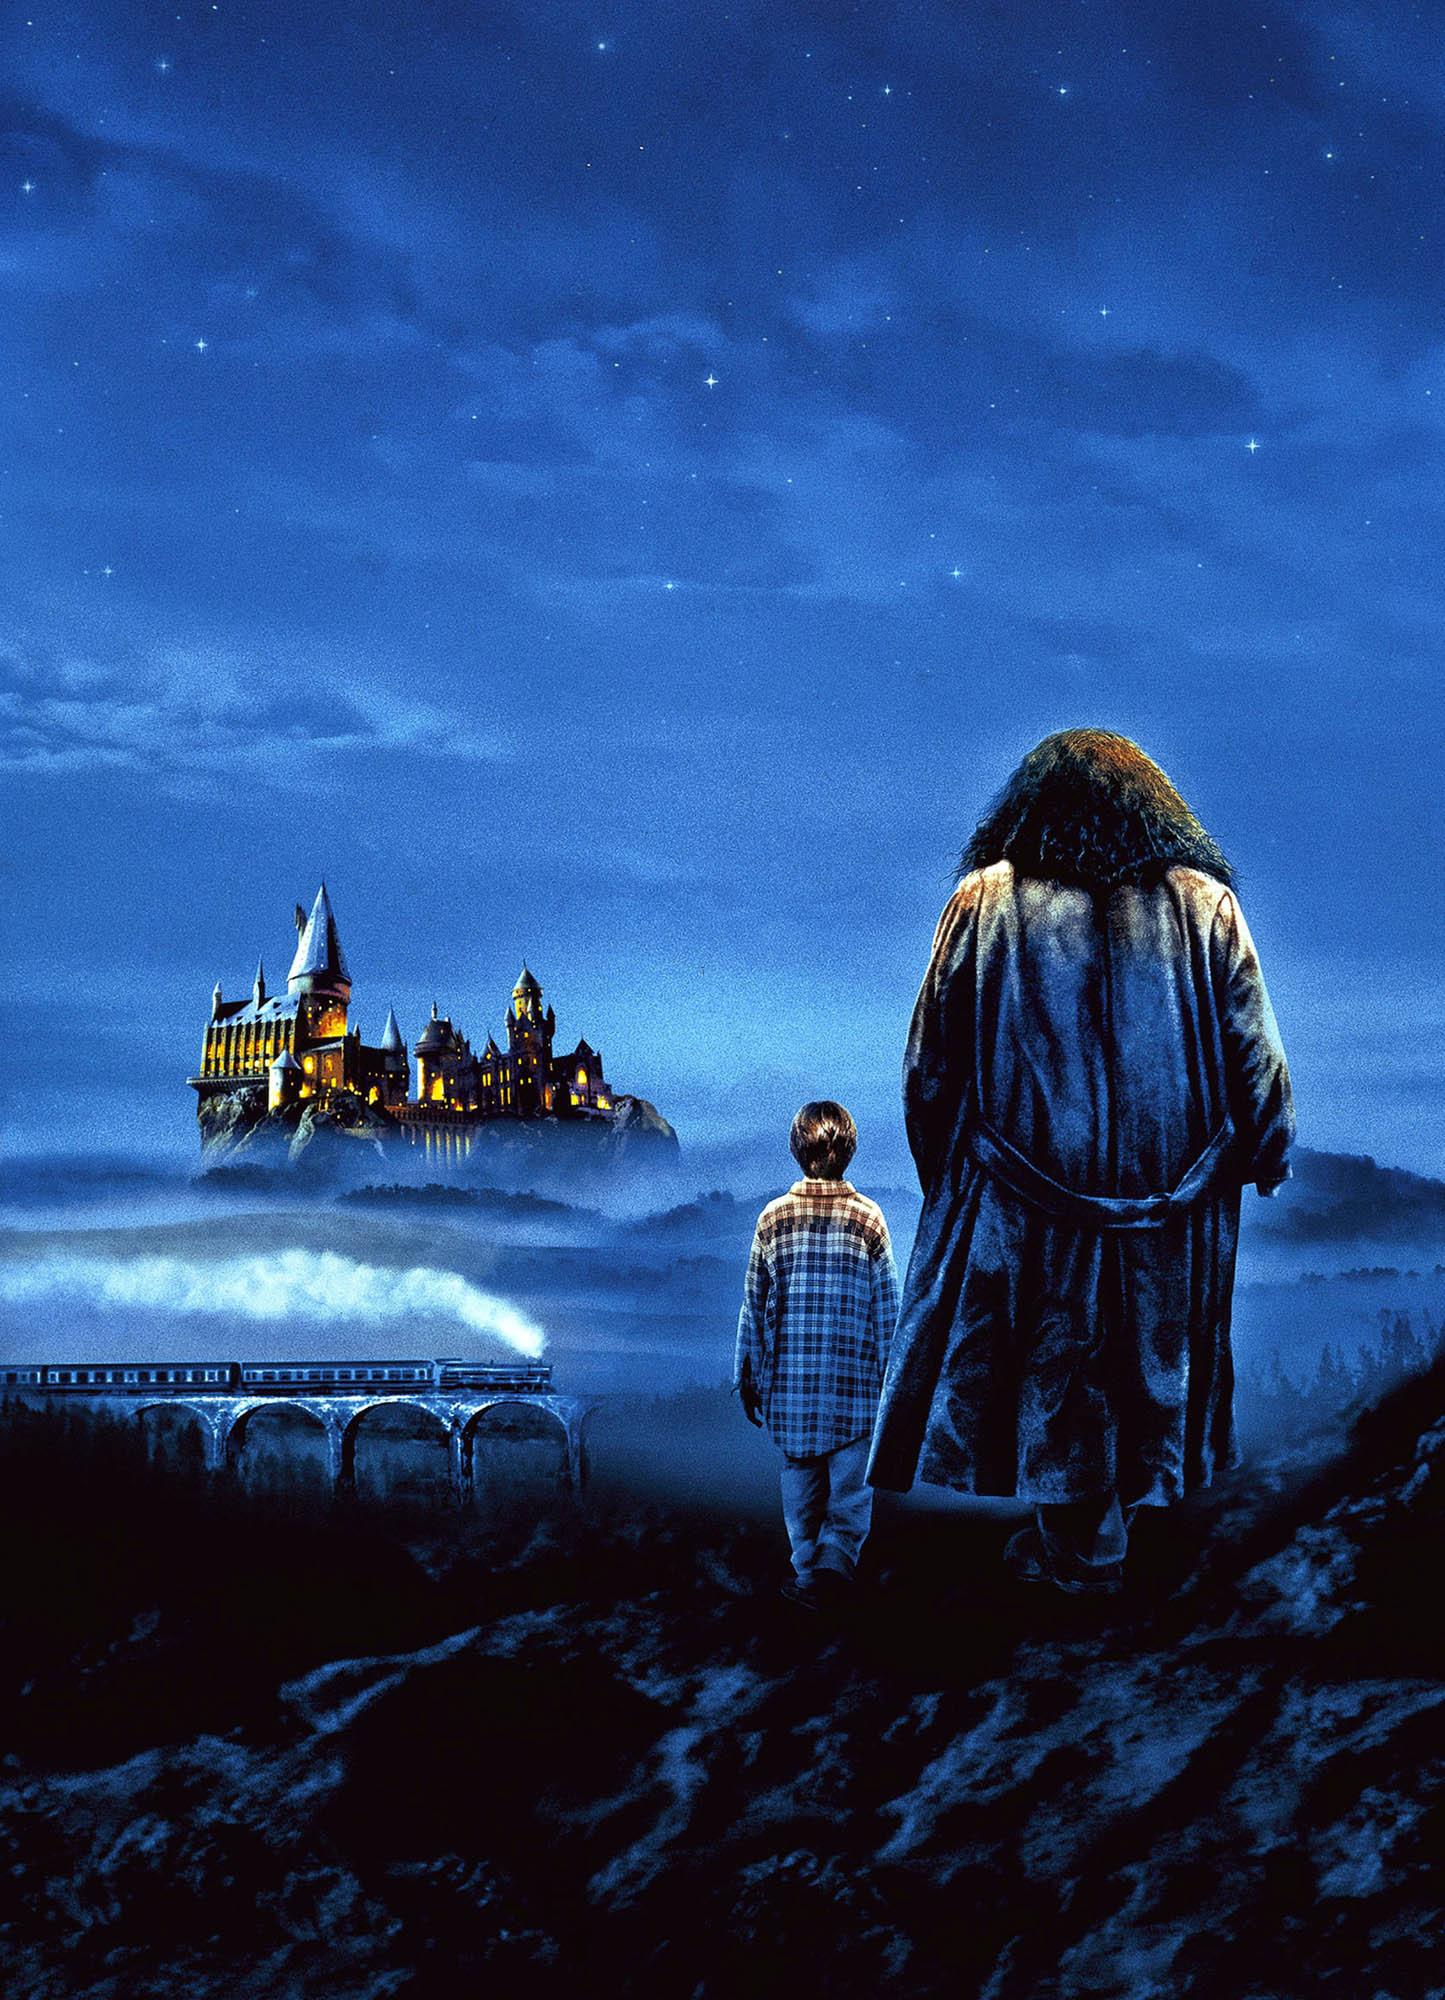 концепт-арты Гарри Поттер и Философский камень